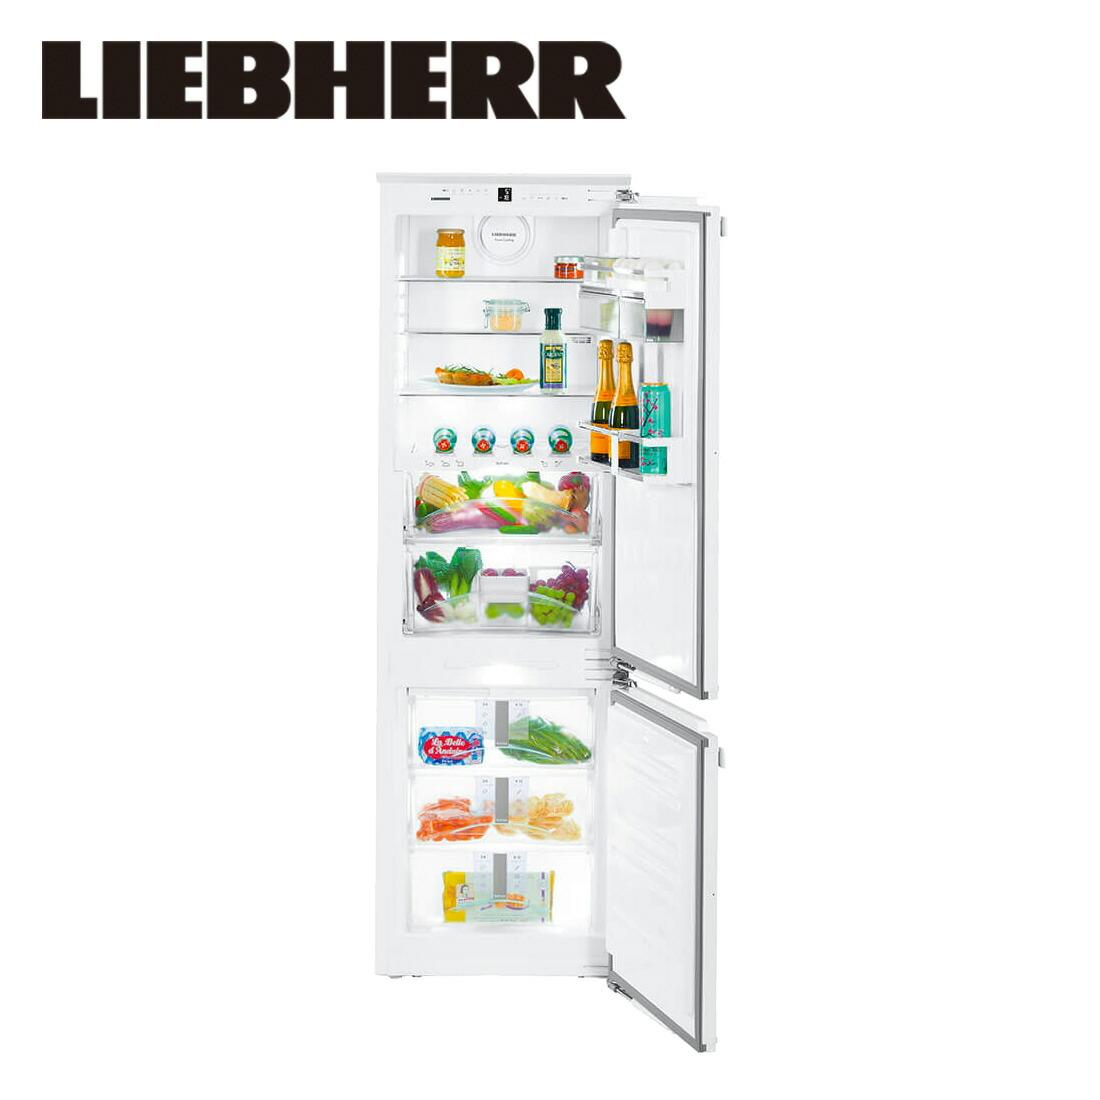 【ポイント不要の場合値引】【一都三県は送料・設置費無料】LIEBHERR リープヘル 冷蔵庫 SICBN3356 premium バイオフレッシュ冷蔵庫 冷凍庫 2ドア / 代引き不可